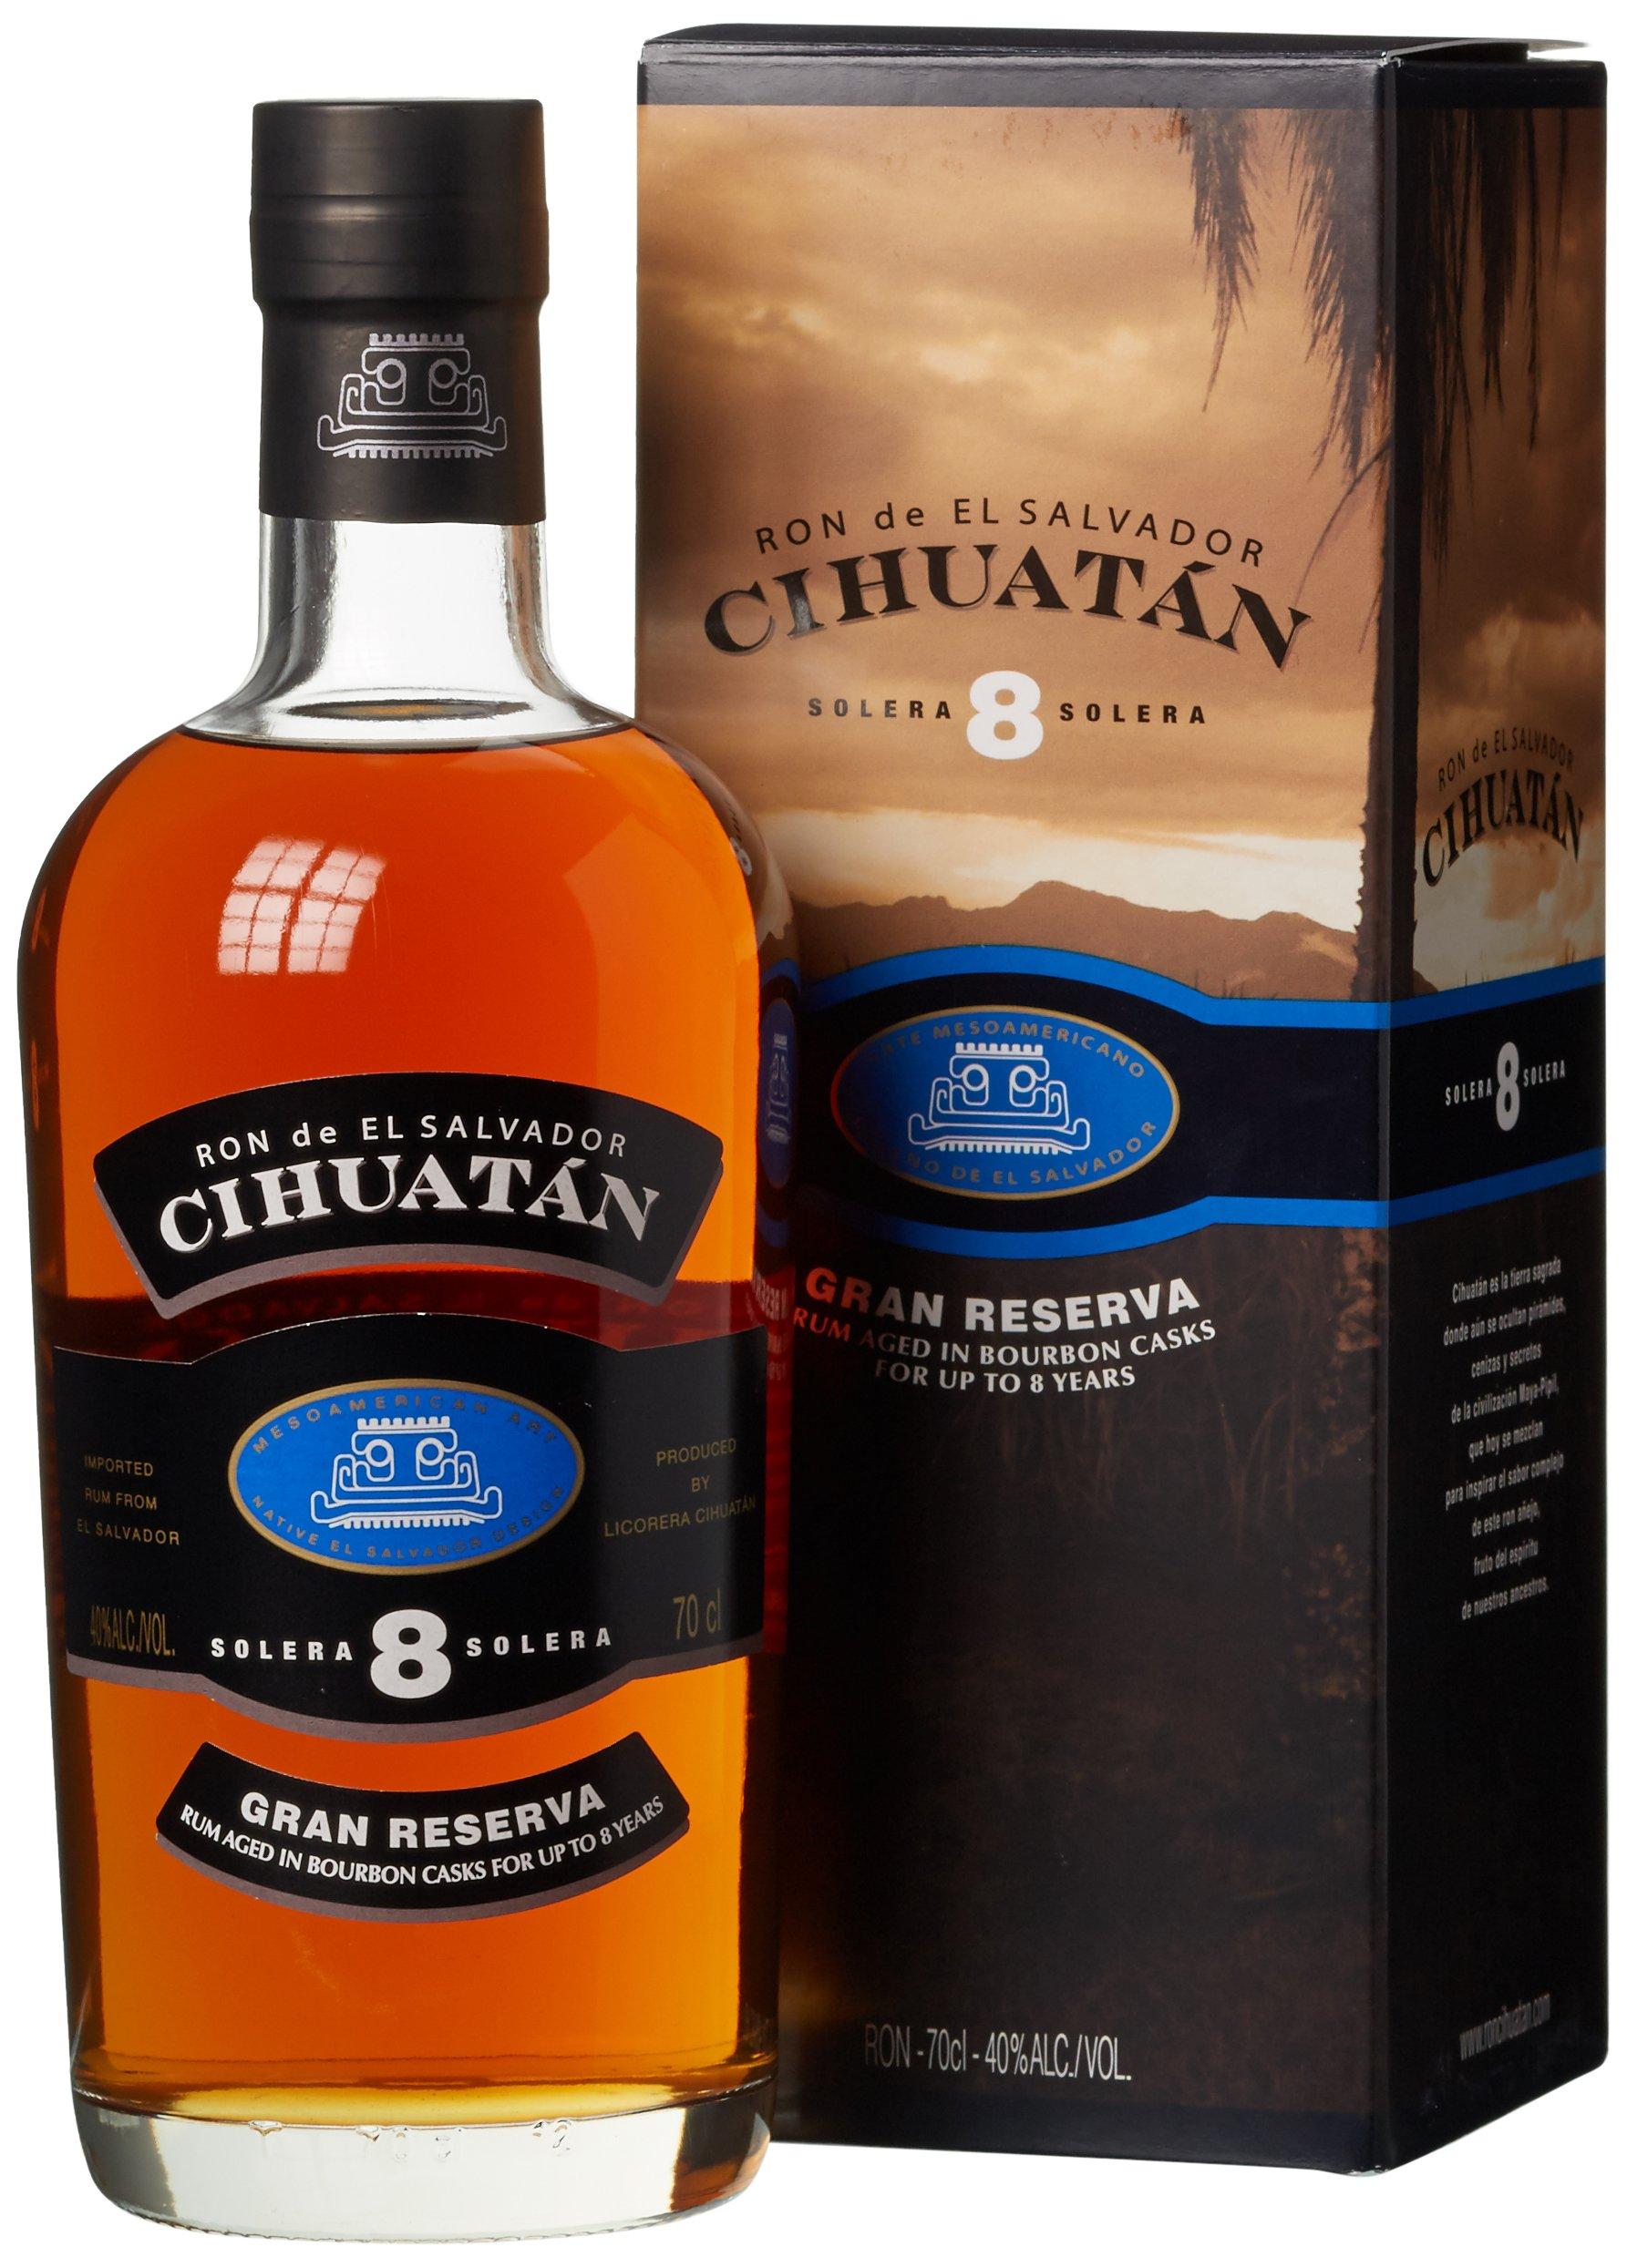 Cihuatan-Solera-8-Gran-Reserva-Rum-1-x-07-l